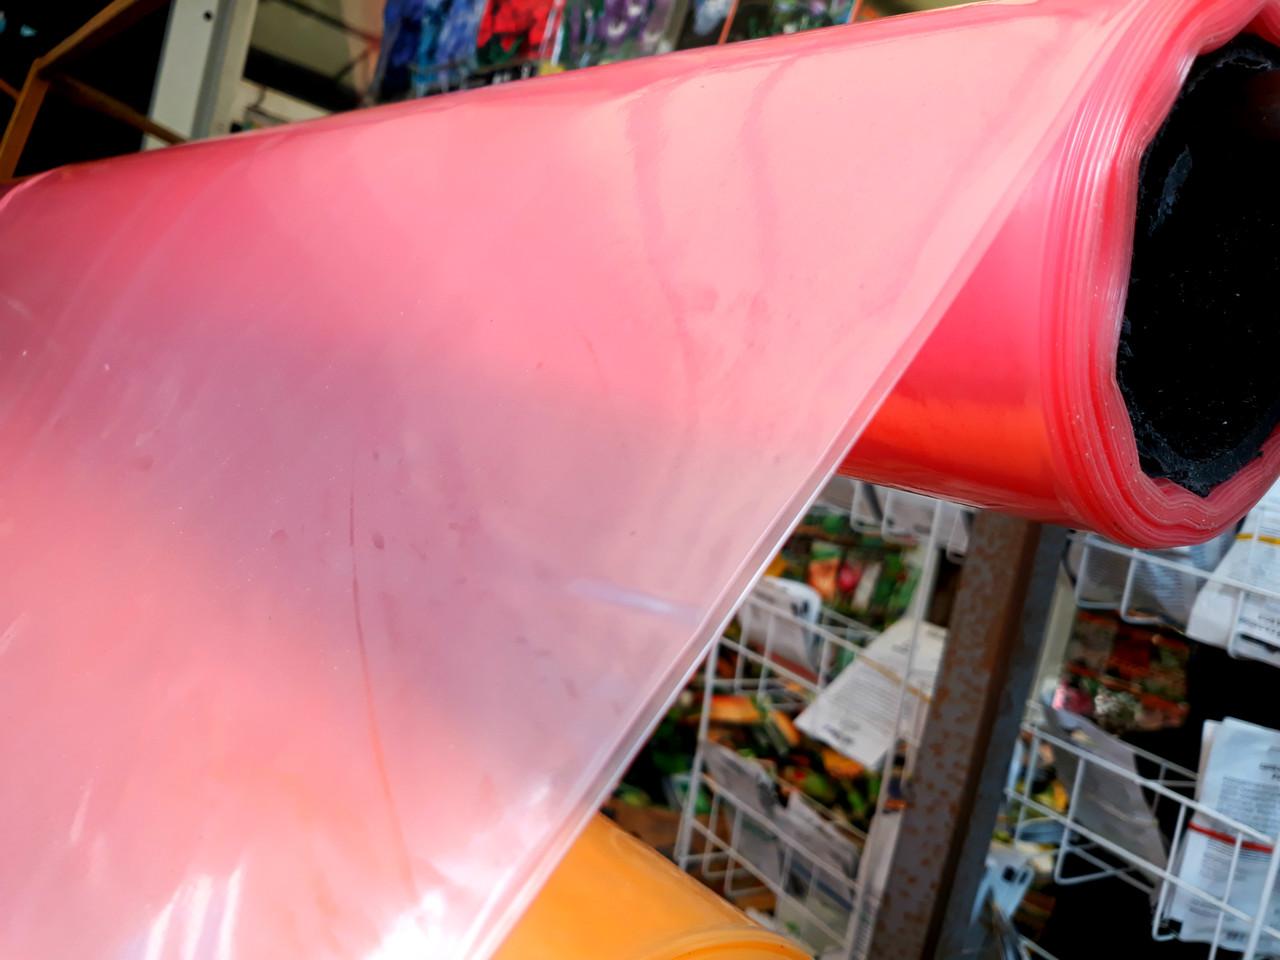 Пленка тепличная на метраж 120мкм, 6м ширина, уф-стабилизация 36 месяцев ,(красная).